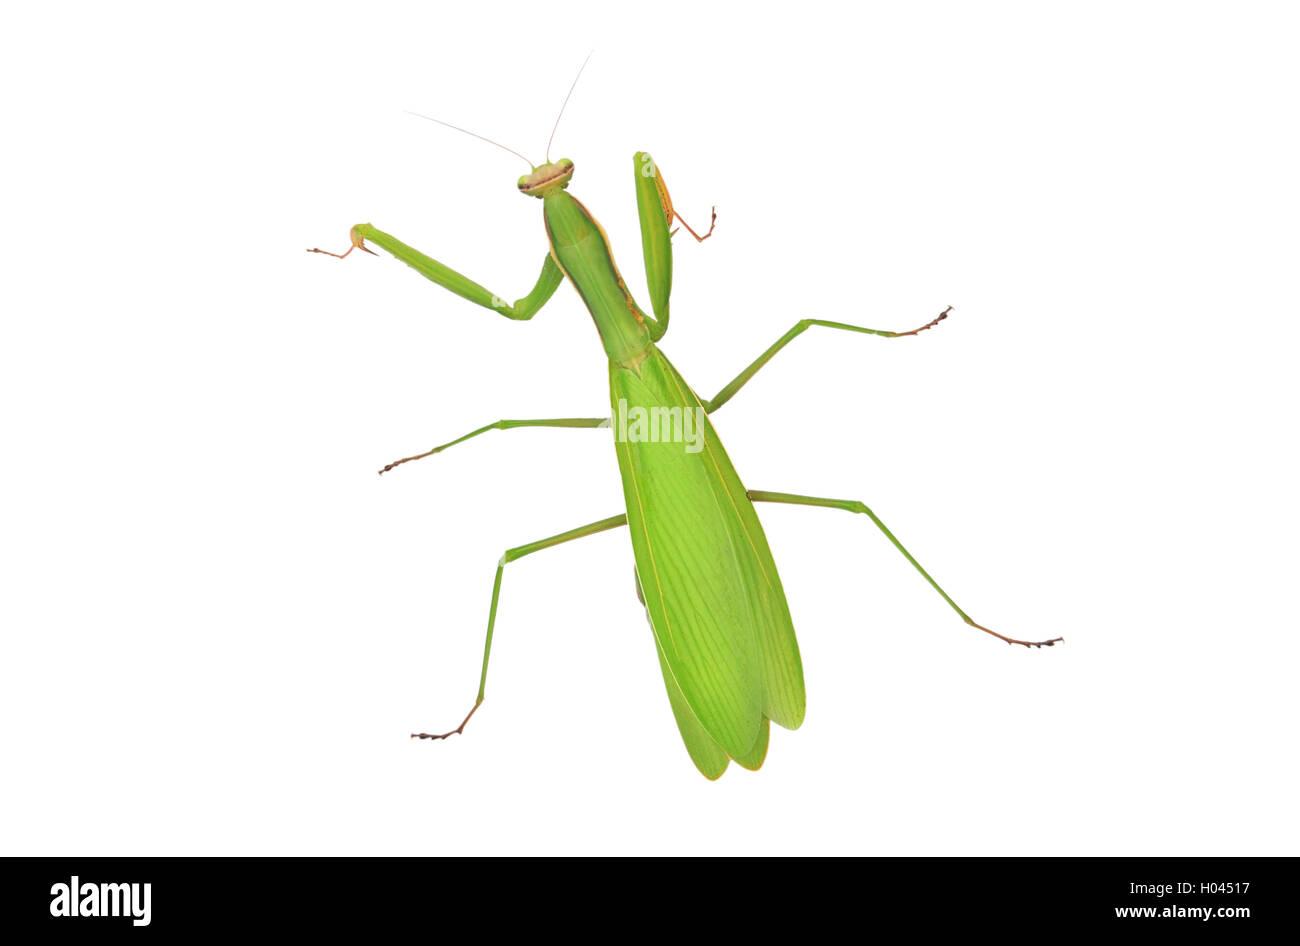 Praying Mantis isoliert auf weißem Hintergrund Stockbild